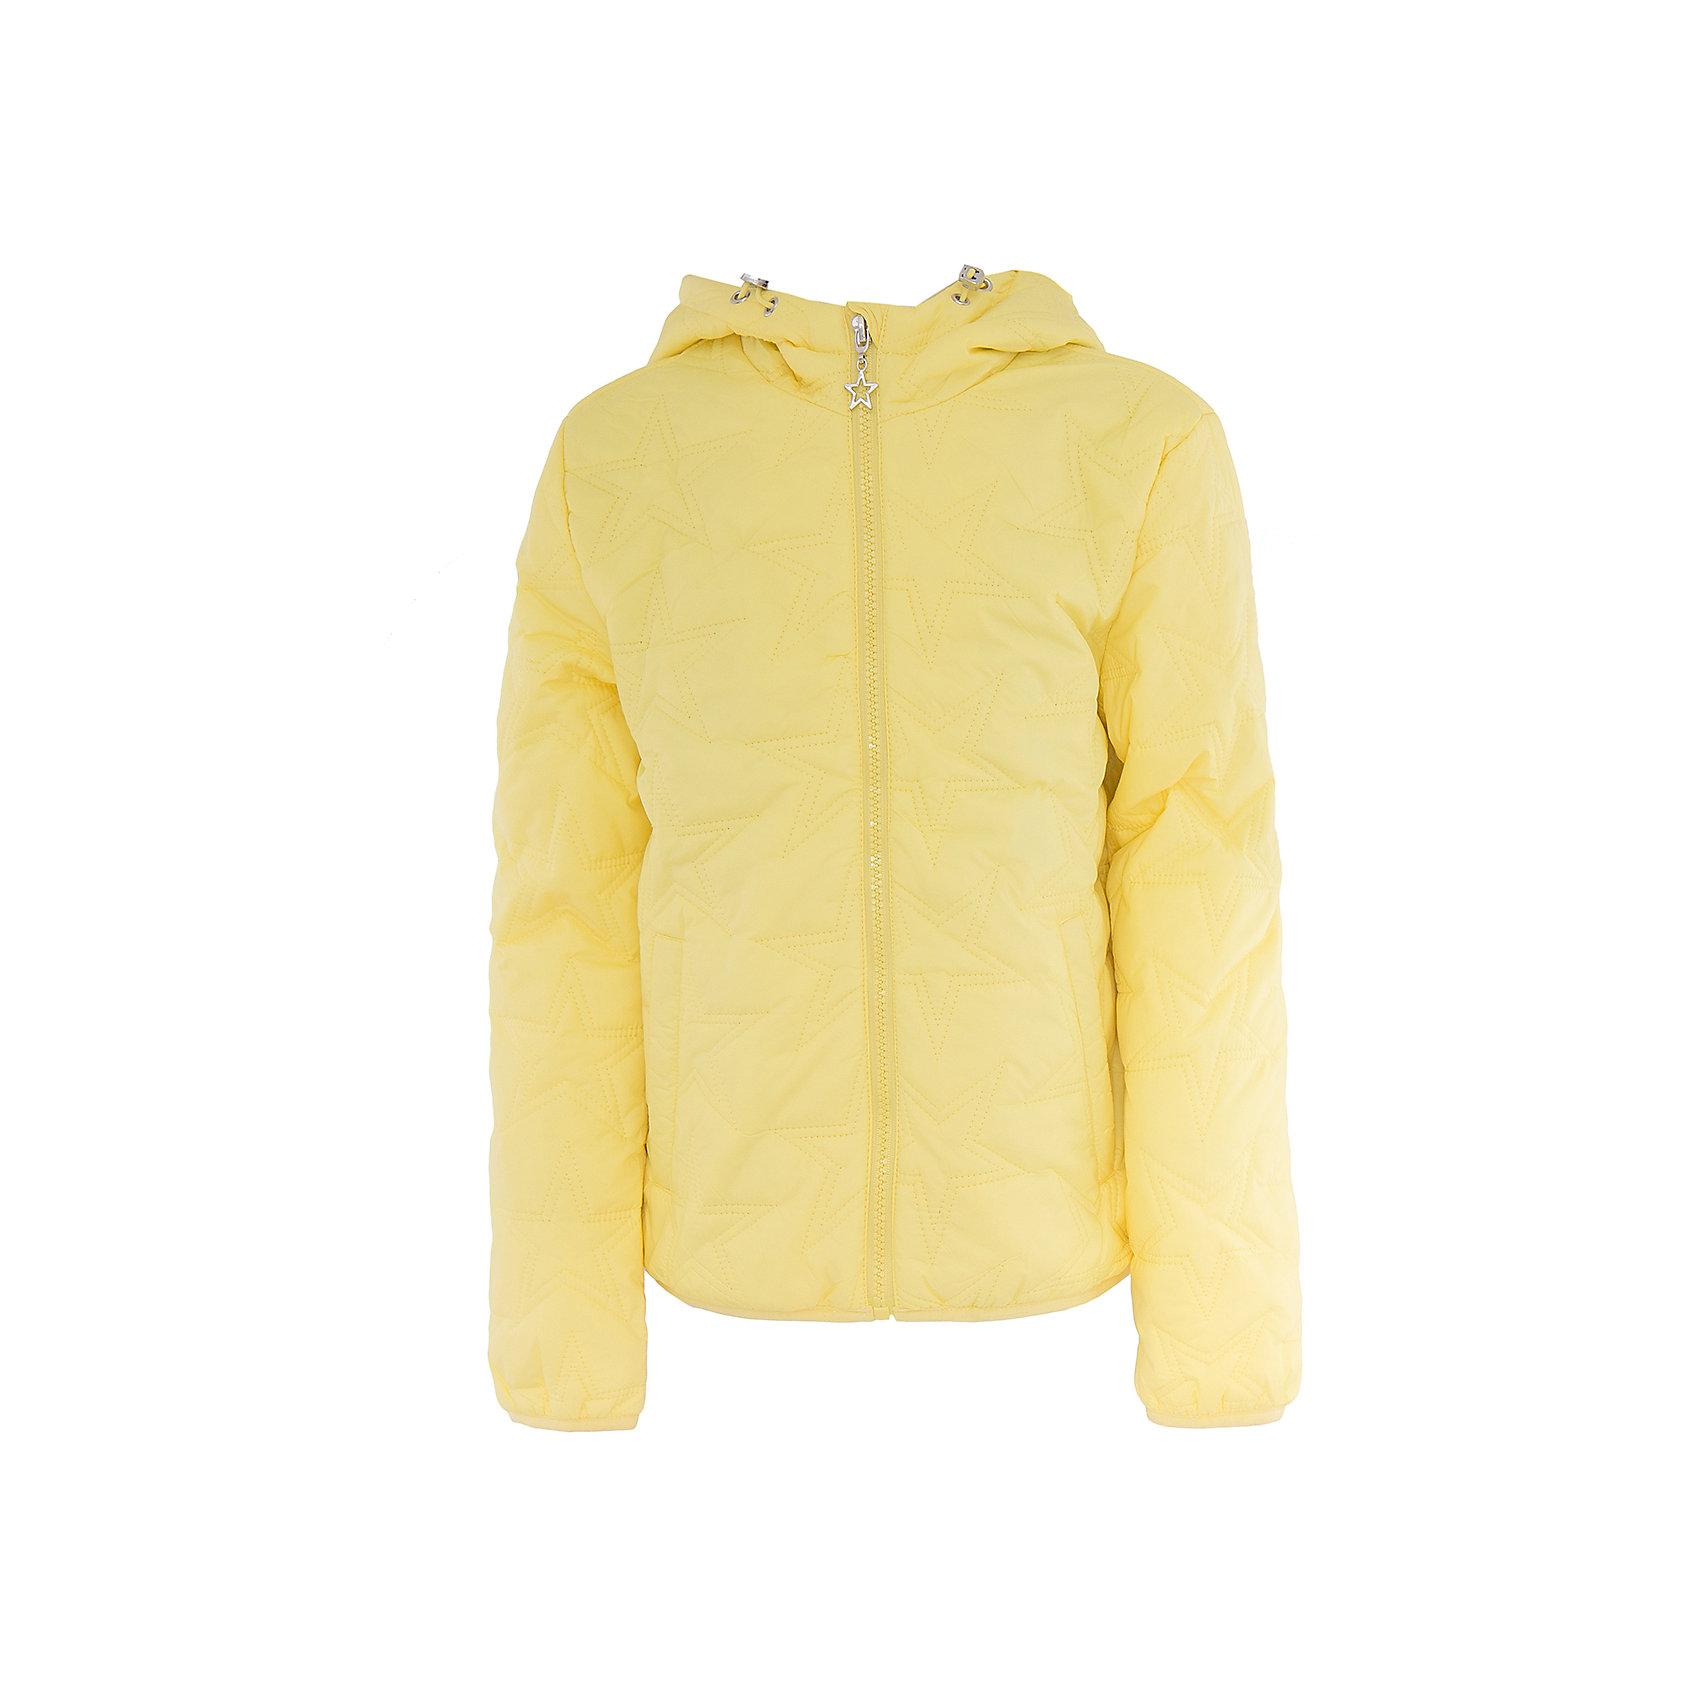 Куртка для девочки SELAВерхняя одежда<br>Характеристики товара:<br><br>• цвет: желтый<br>• состав: 100% нейлон; утеплитель: 100% ПЭ; подкладка: 100% хлопок; подкладка рукава: 100% ПЭ<br>• температурный режим: от +5°до +15°С<br>• демисезон<br>• прямой силуэт<br>• молния<br>• фактурный узор<br>• капюшон не отстёгивается<br>• капюшон дополнен эластичным шнурком со стопперами<br>• два втачных кармана на кнопках<br>• внутренний накладной карман<br>• светоотражающие элементы<br>• коллекция весна-лето 2017<br>• страна бренда: Российская Федерация<br><br>Вещи из новой коллекции SELA продолжают радовать удобством! Легкая куртка для девочки поможет разнообразить гардероб ребенка и обеспечить комфорт. Она отлично сочетается с юбками и брюками. Очень стильно смотрится!<br><br>Одежда, обувь и аксессуары от российского бренда SELA не зря пользуются большой популярностью у детей и взрослых! Модели этой марки - стильные и удобные, цена при этом неизменно остается доступной. Для их производства используются только безопасные, качественные материалы и фурнитура. Новая коллекция поддерживает хорошие традиции бренда! <br><br>Куртку для девочки от популярного бренда SELA (СЕЛА) можно купить в нашем интернет-магазине.<br><br>Ширина мм: 356<br>Глубина мм: 10<br>Высота мм: 245<br>Вес г: 519<br>Цвет: желтый<br>Возраст от месяцев: 84<br>Возраст до месяцев: 96<br>Пол: Женский<br>Возраст: Детский<br>Размер: 128,140,152,116<br>SKU: 5305168